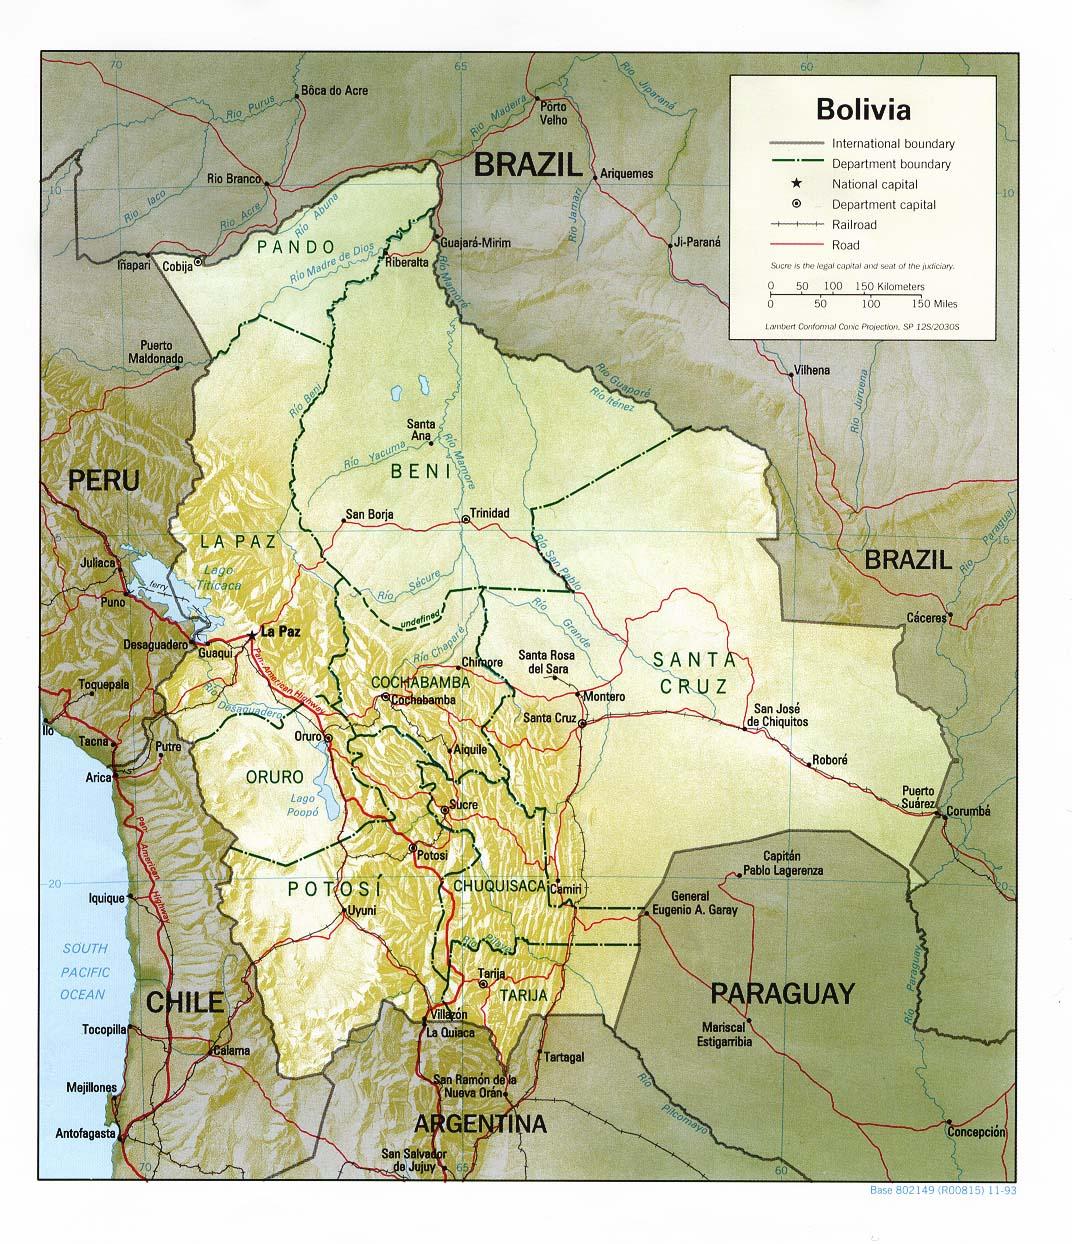 Bolivia - relief